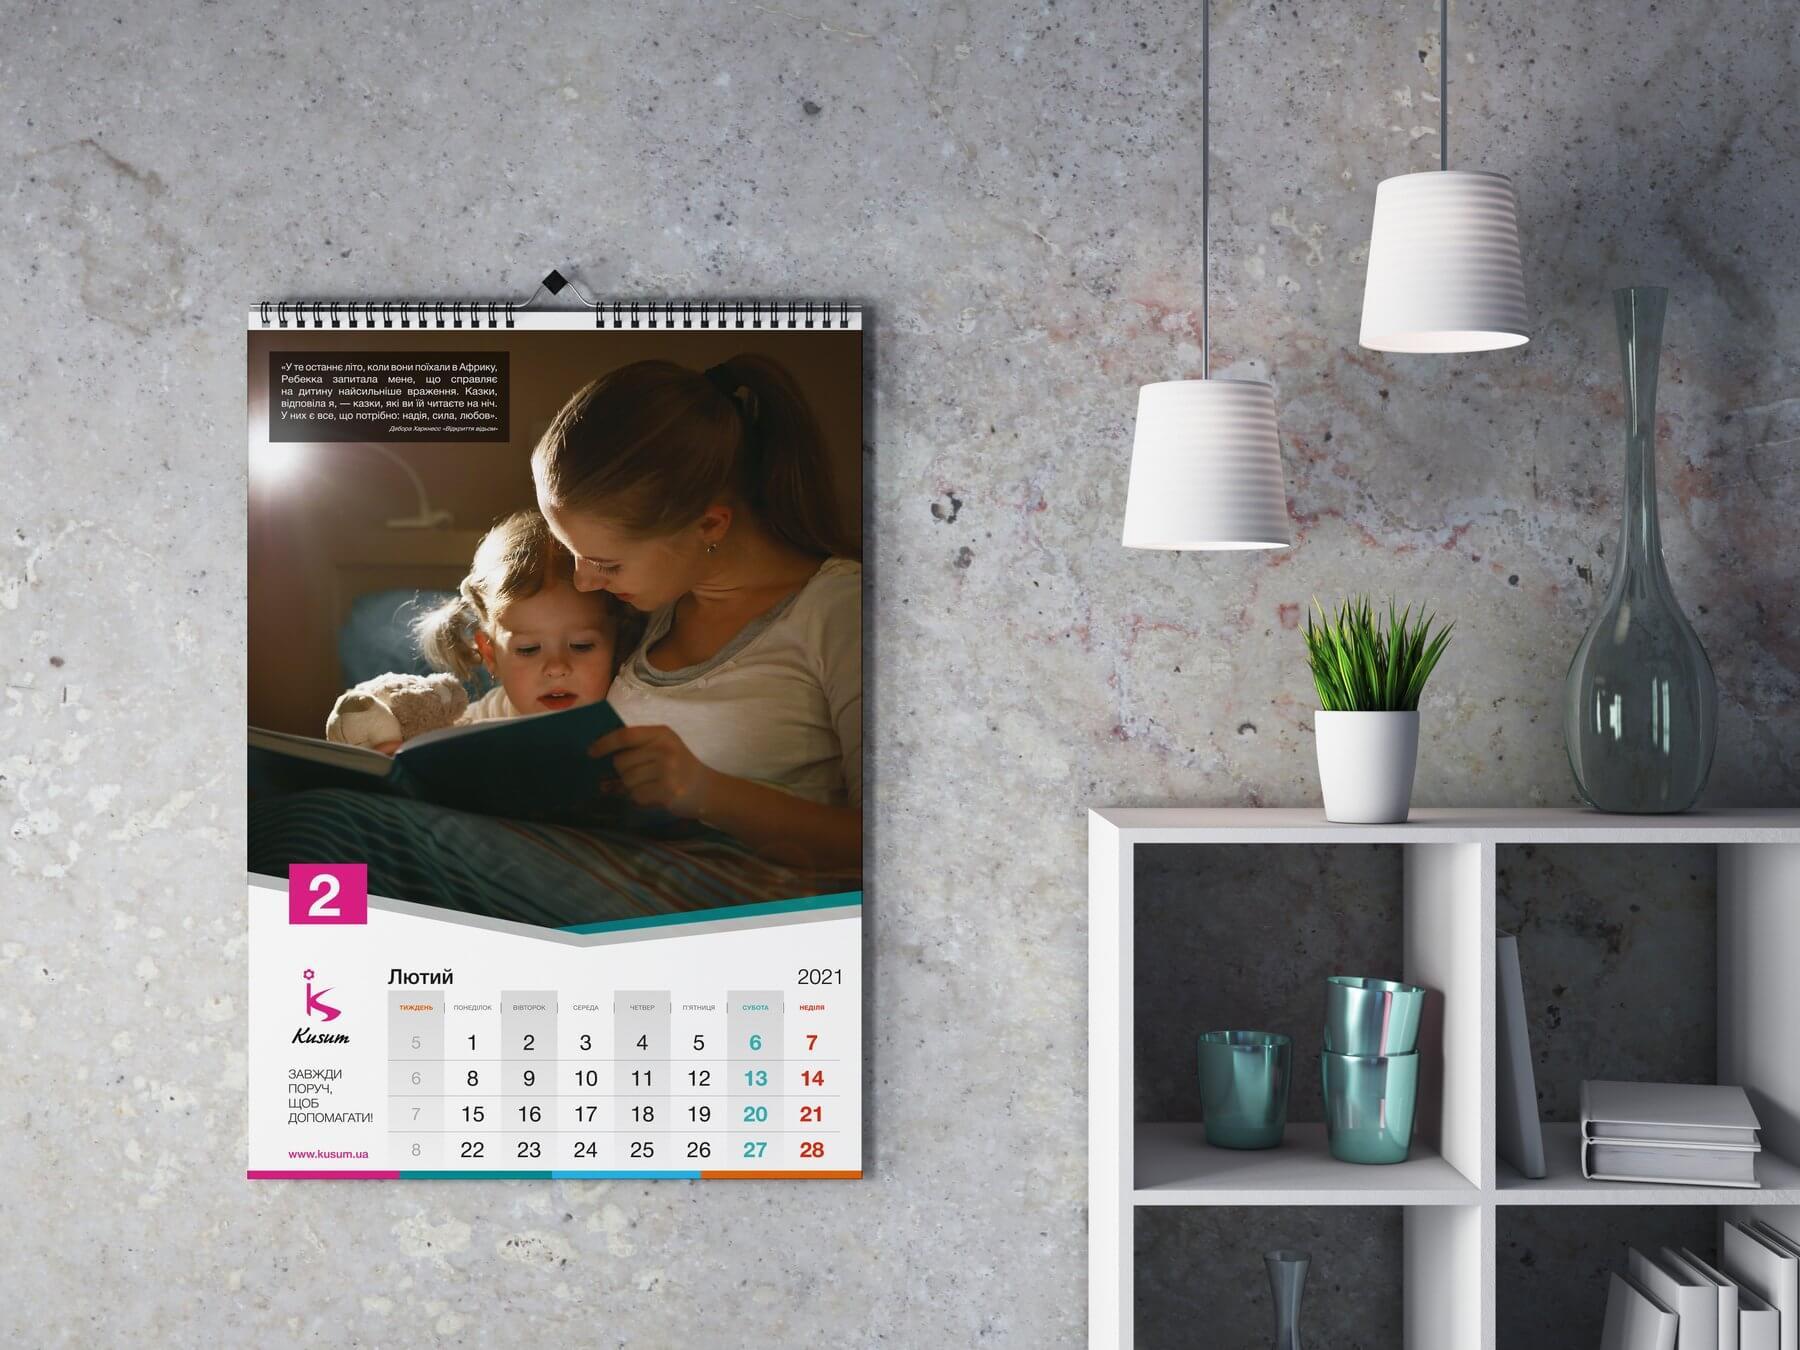 Разработка дизайна настенного календаря на 2021 год для компании Кусум фарм портфолио